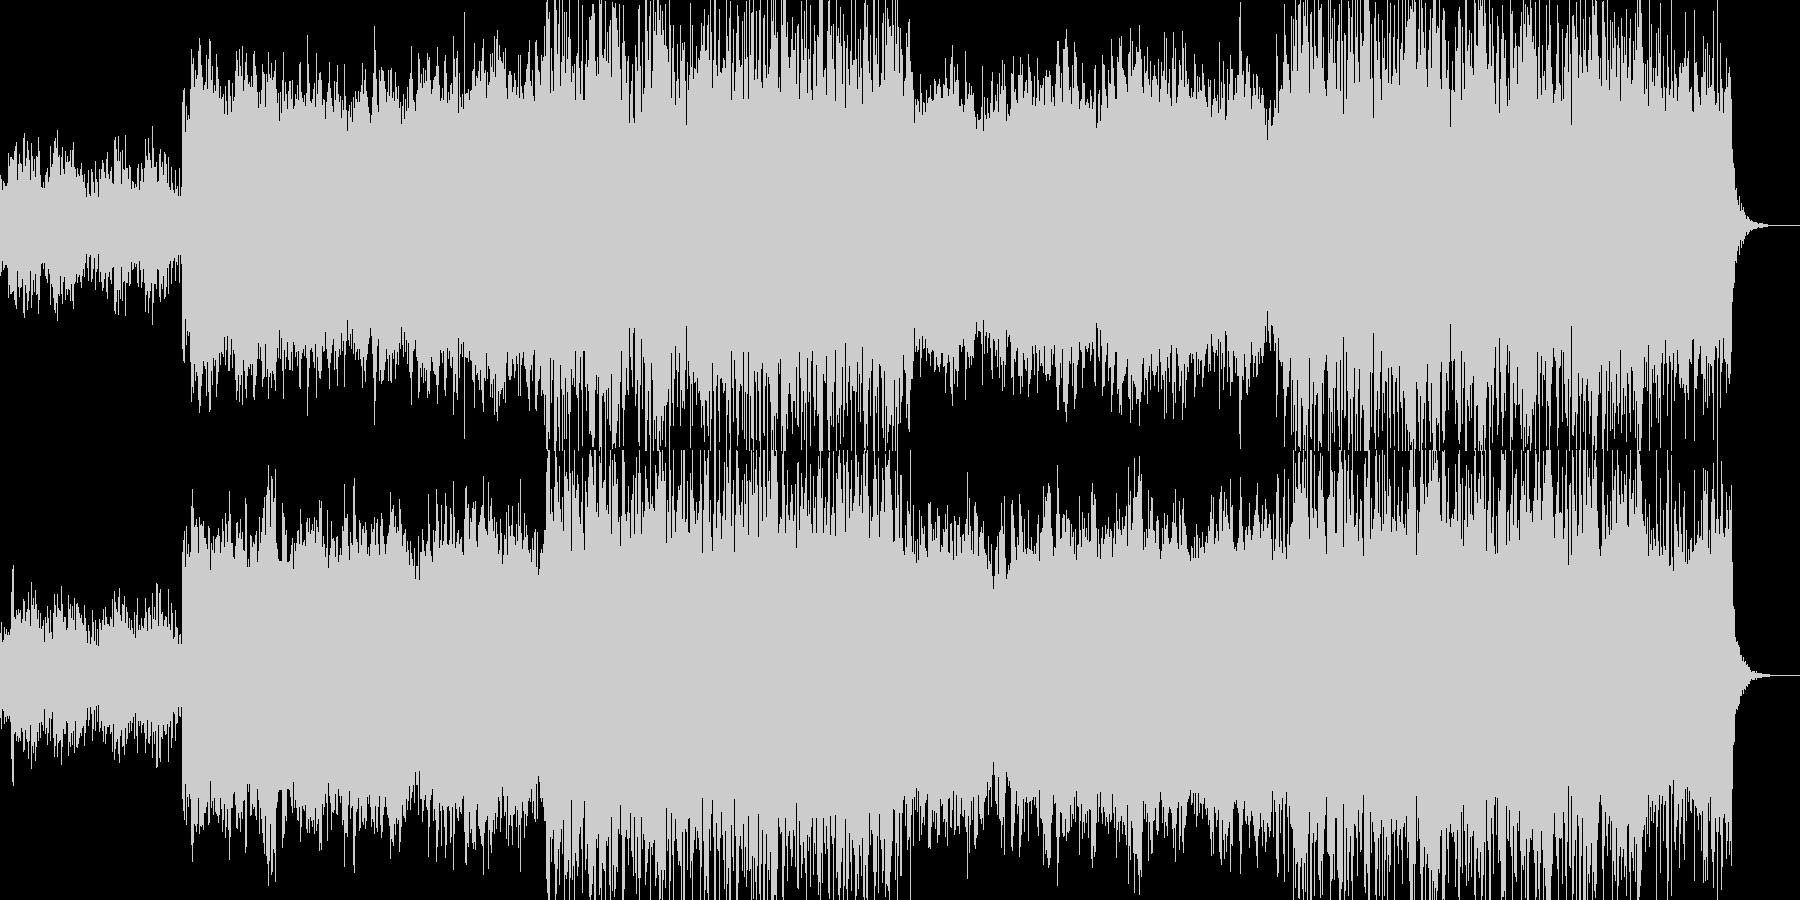 アンビエント環境音楽ヒーリング-11の未再生の波形